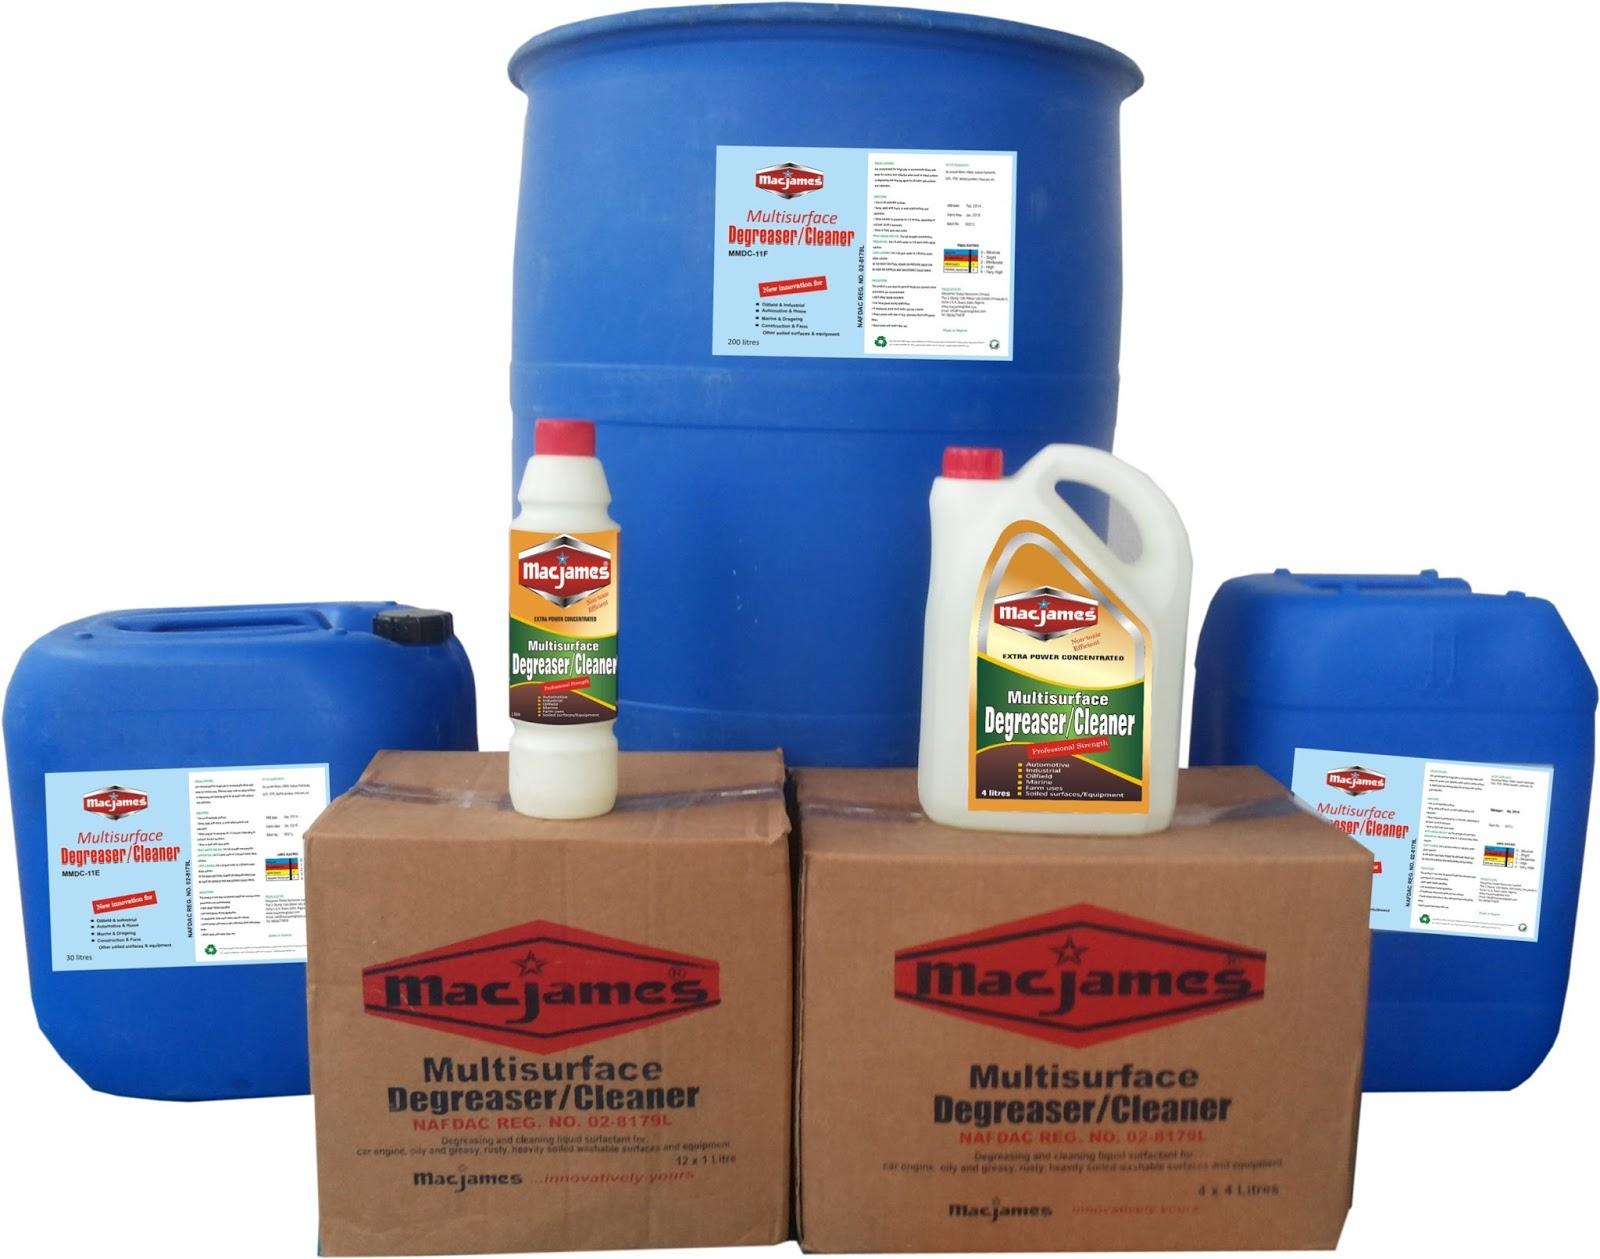 MACJAMES® MMDC-11 - MULTISURFACE DEGREASER/CLEANER